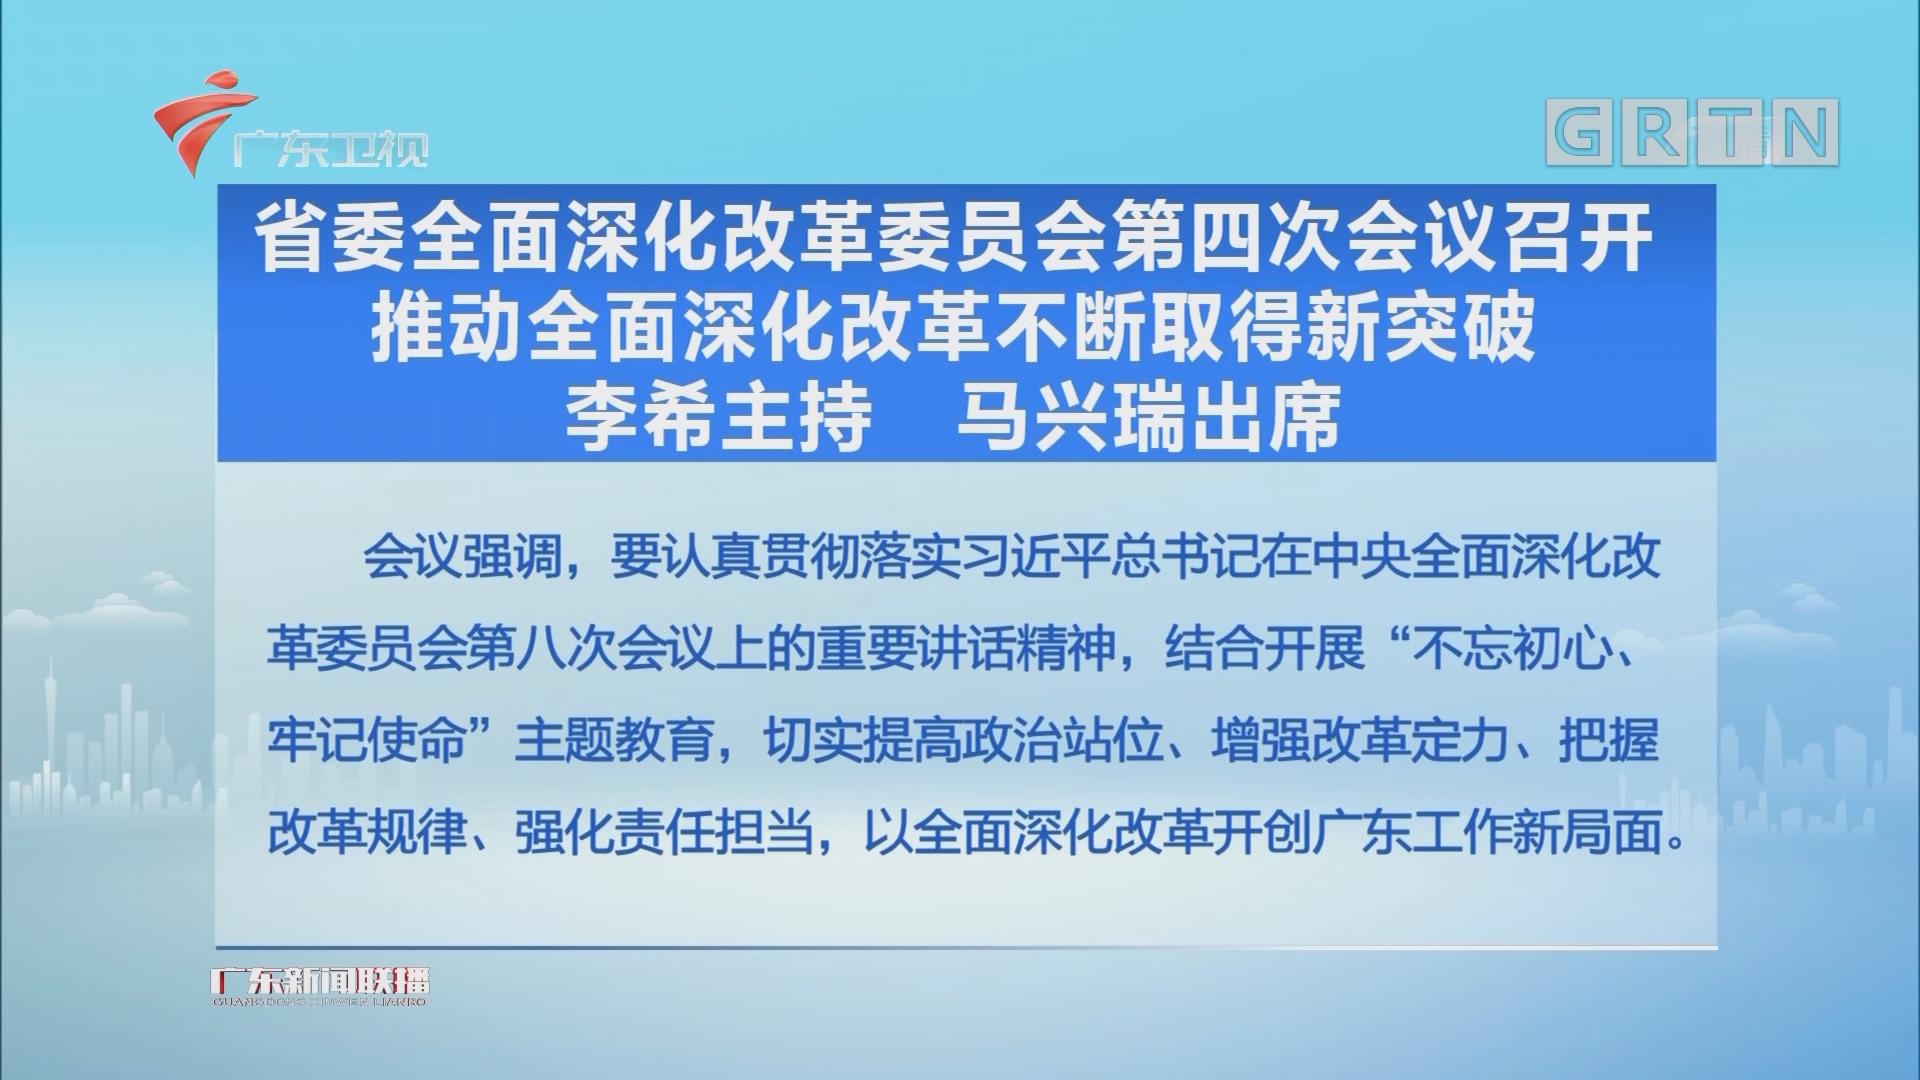 省委全面深化改革委员会第四次会议召开 推动全面深化改革不断取得新突破 李希主持 马兴瑞出席